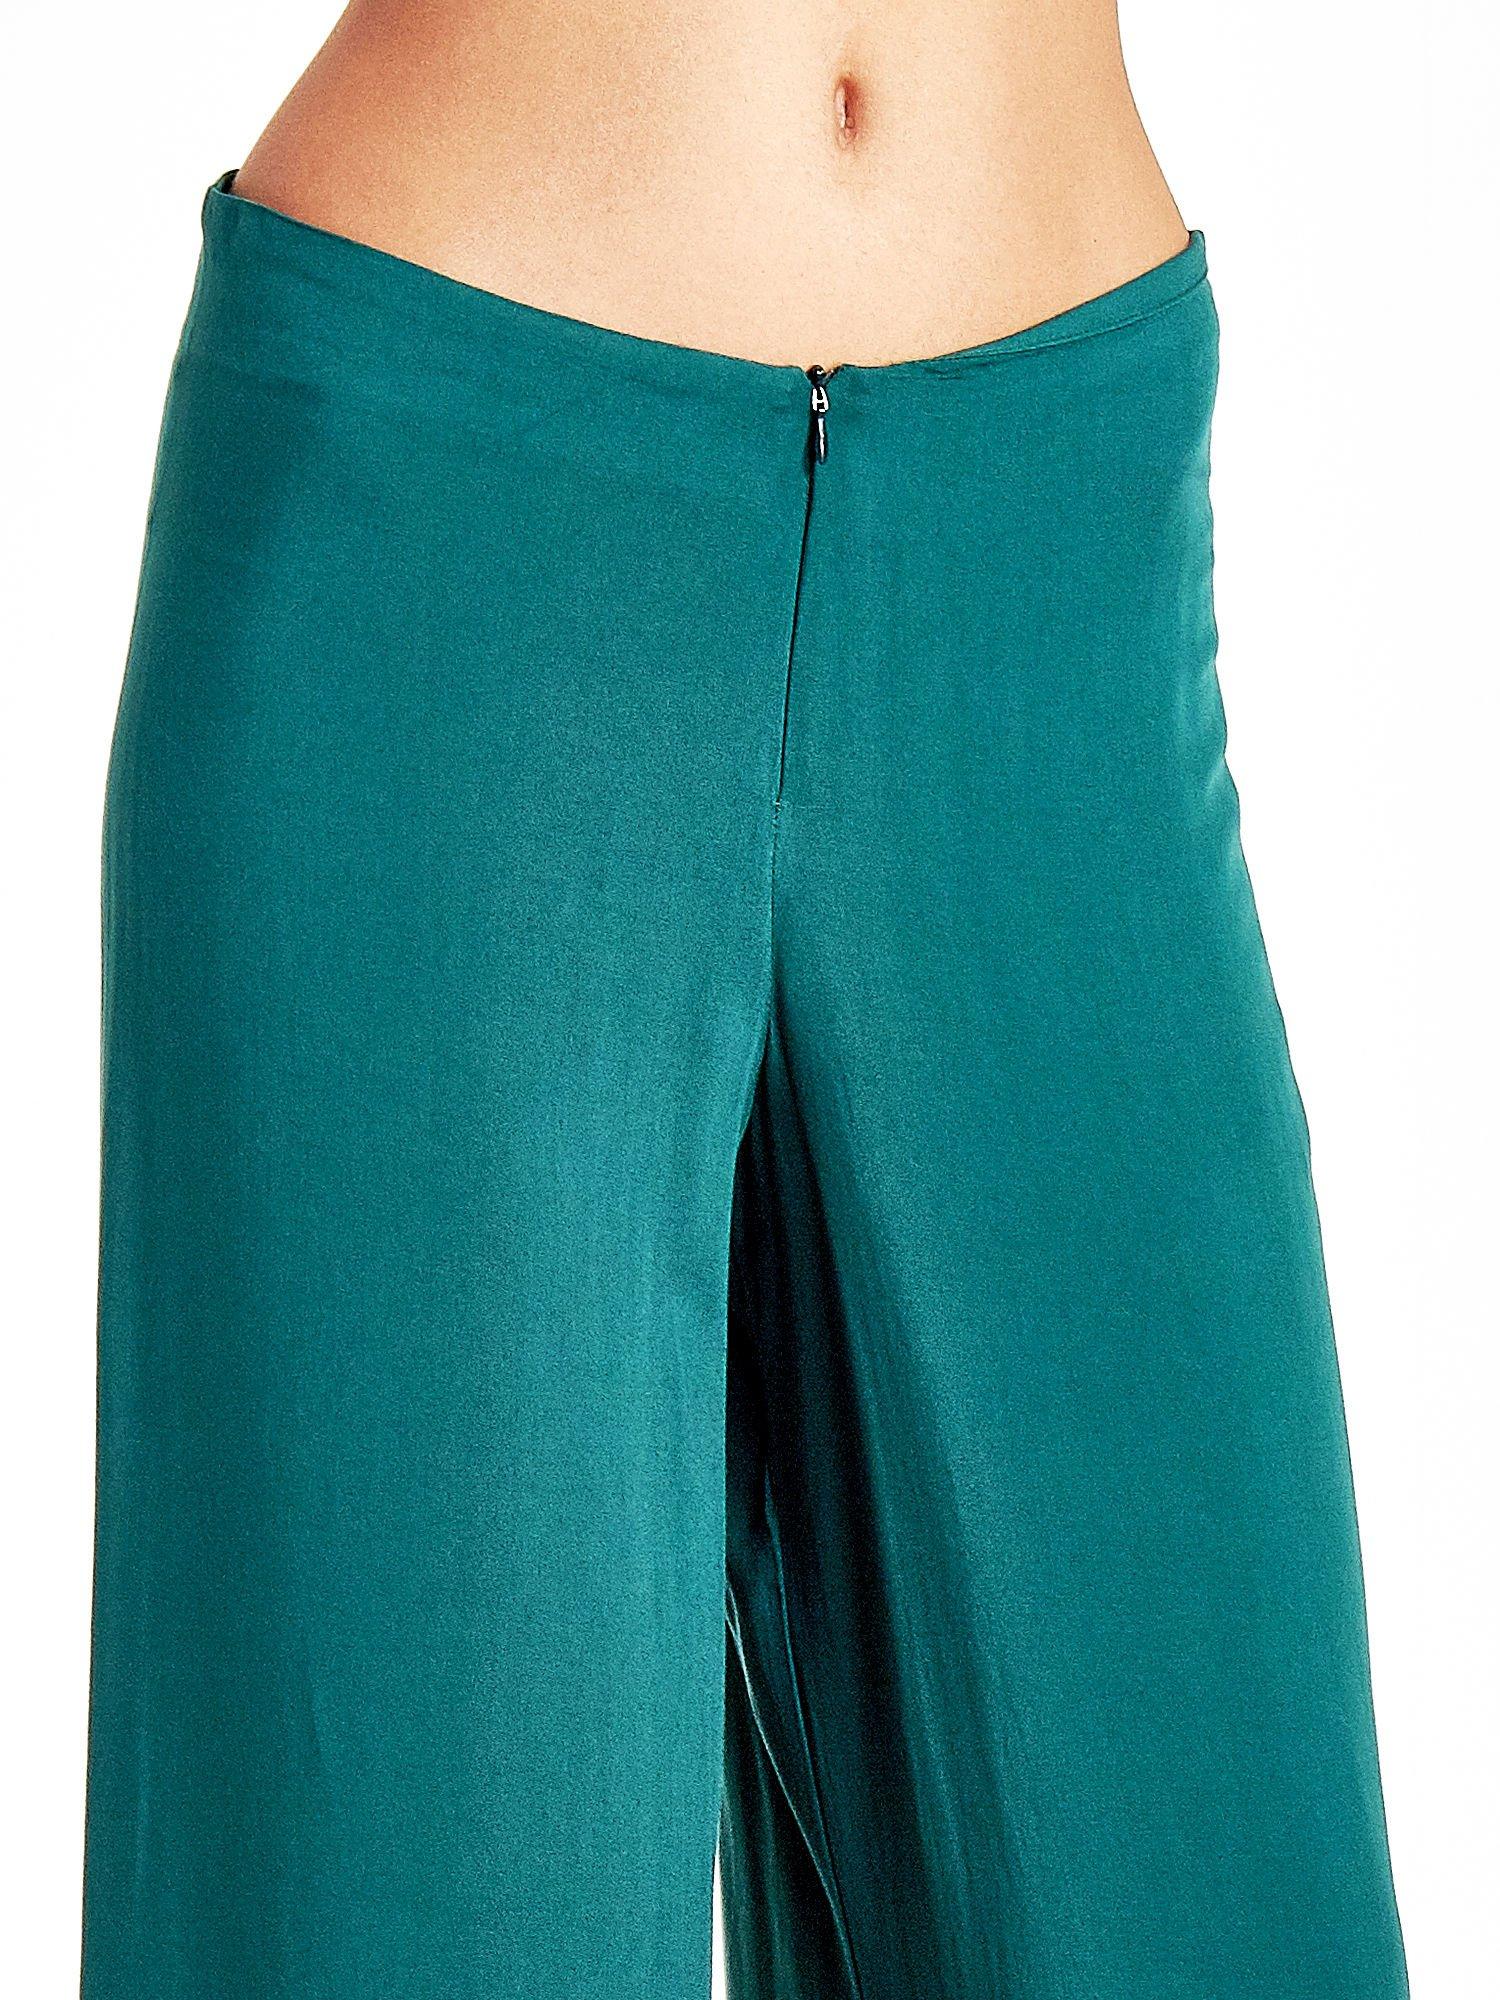 Zielone zwiewne spodnie typu palazzo                                  zdj.                                  5